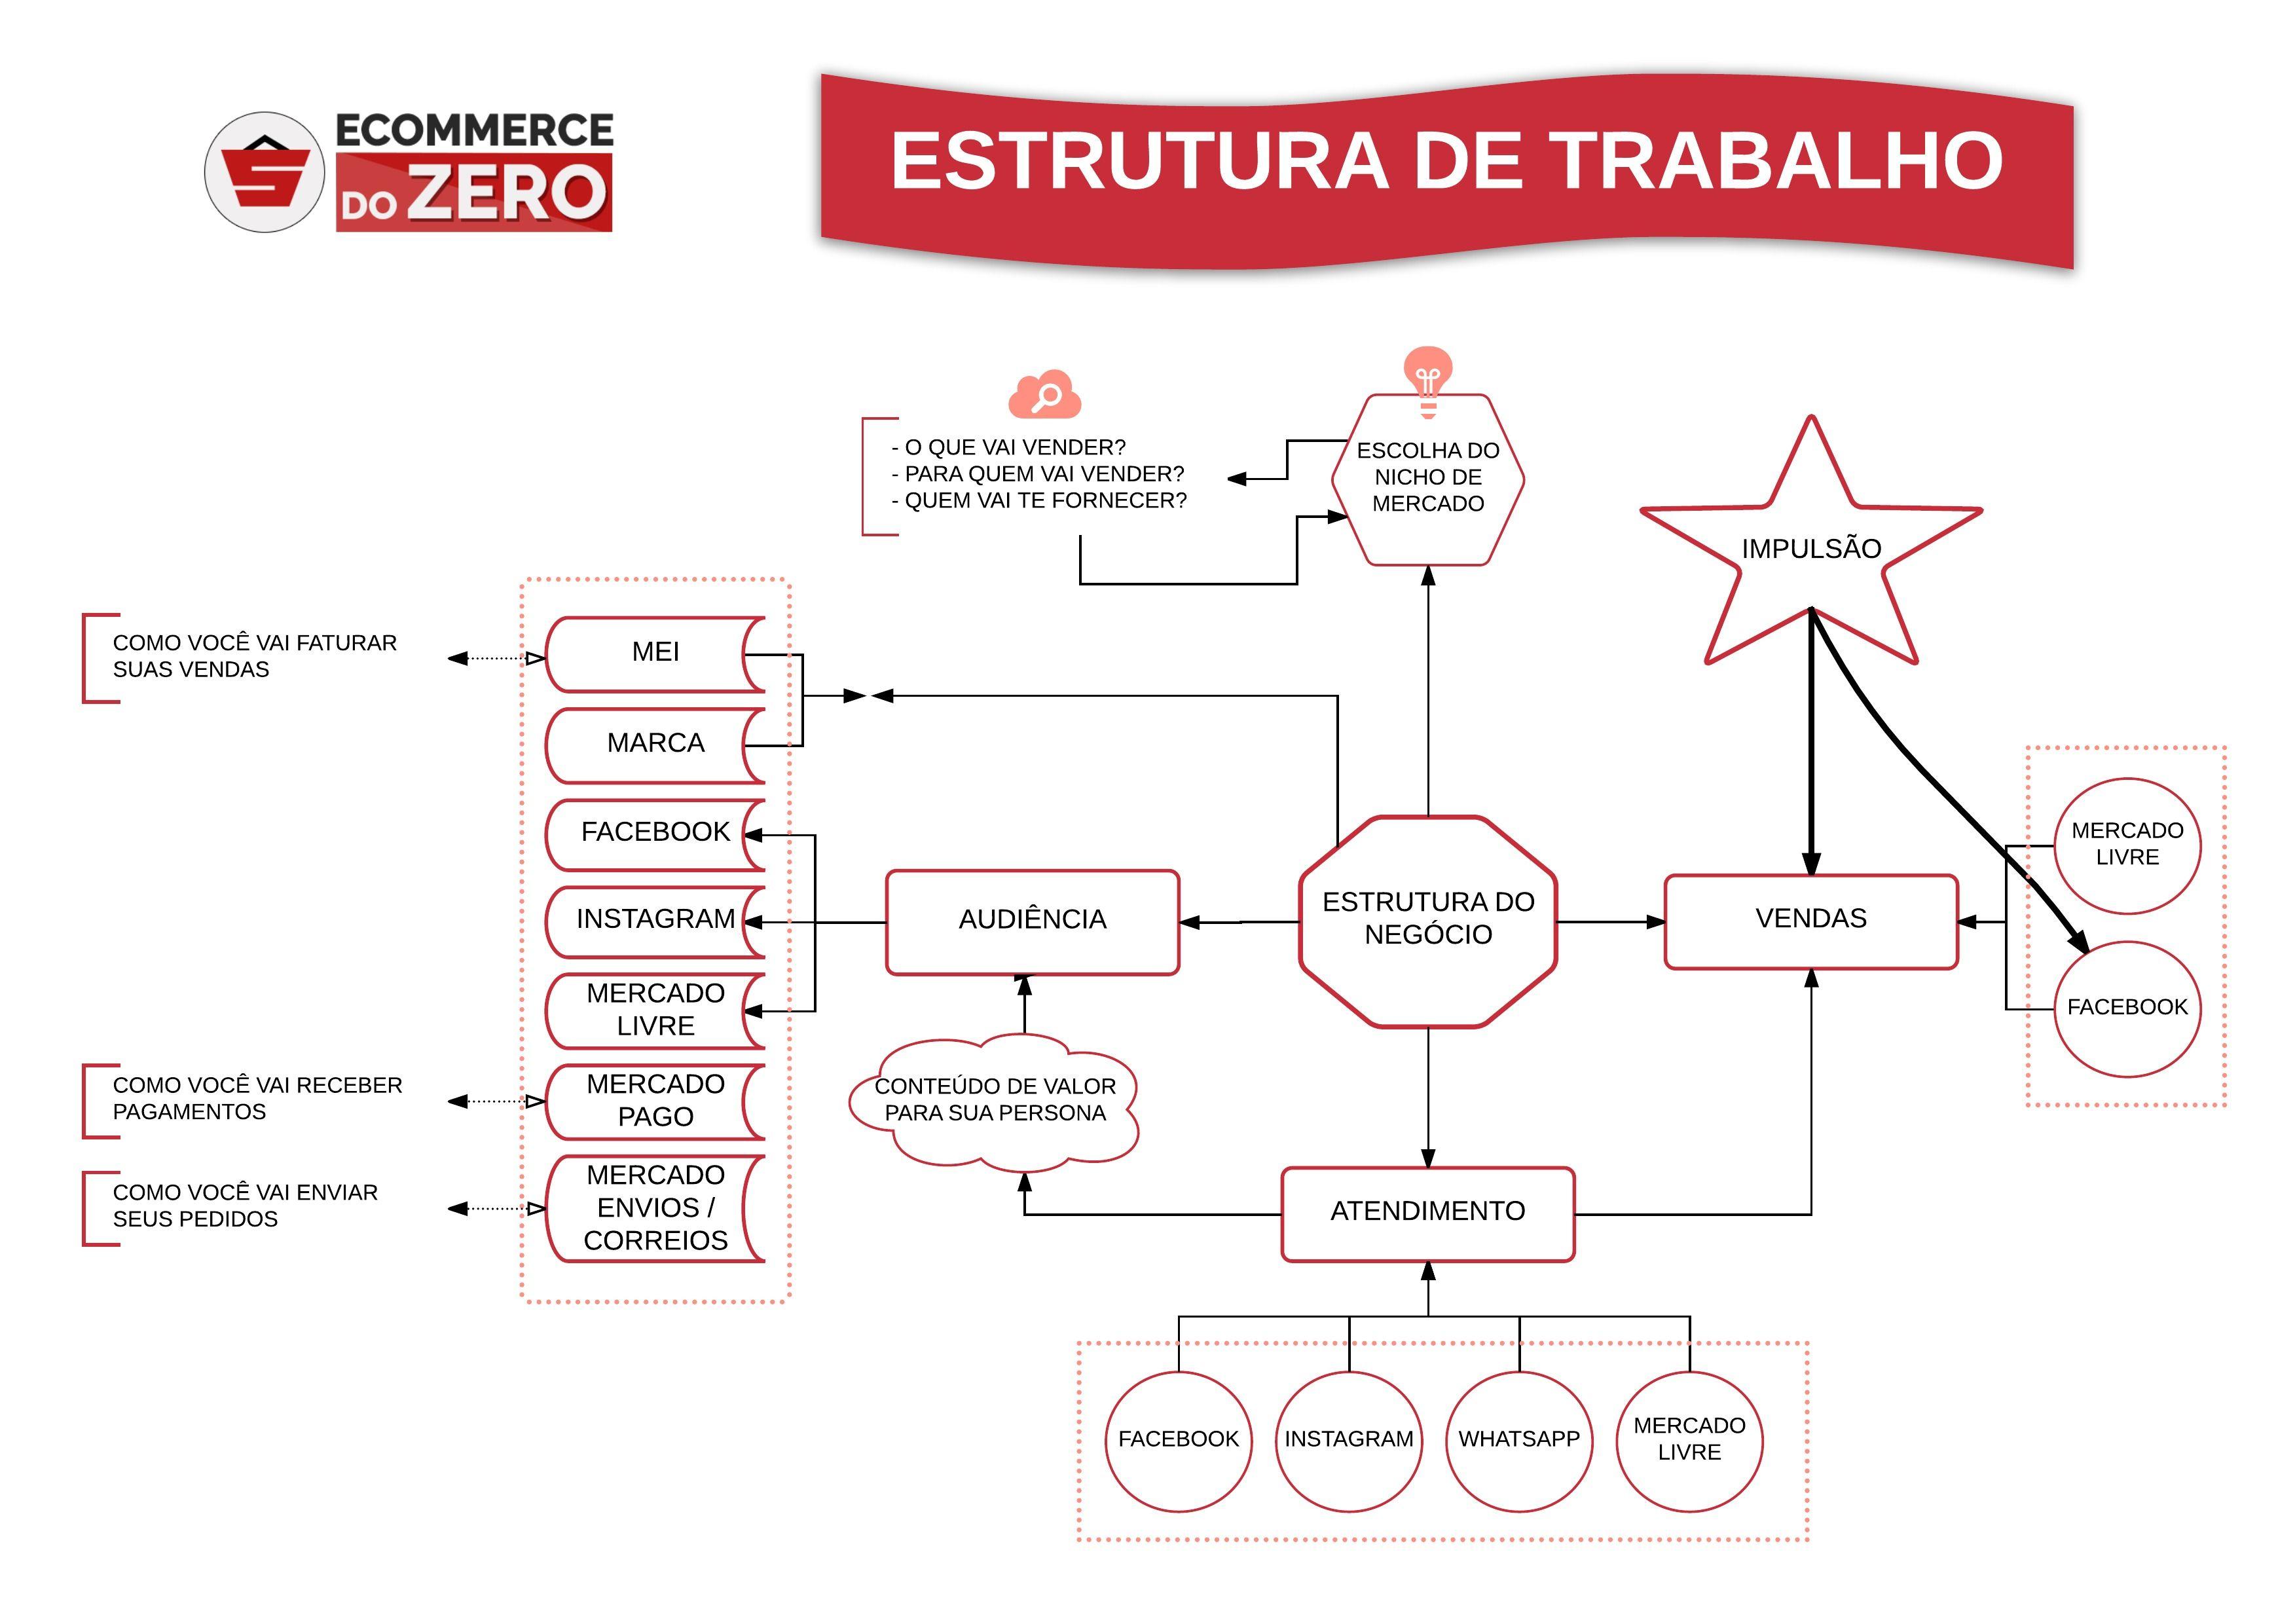 estrutura ecommerce de sucesso - ECOMMERCE DO ZERO Treinamento em Vídeo Aulas, focado em Empreendedores que estão começando do Zero